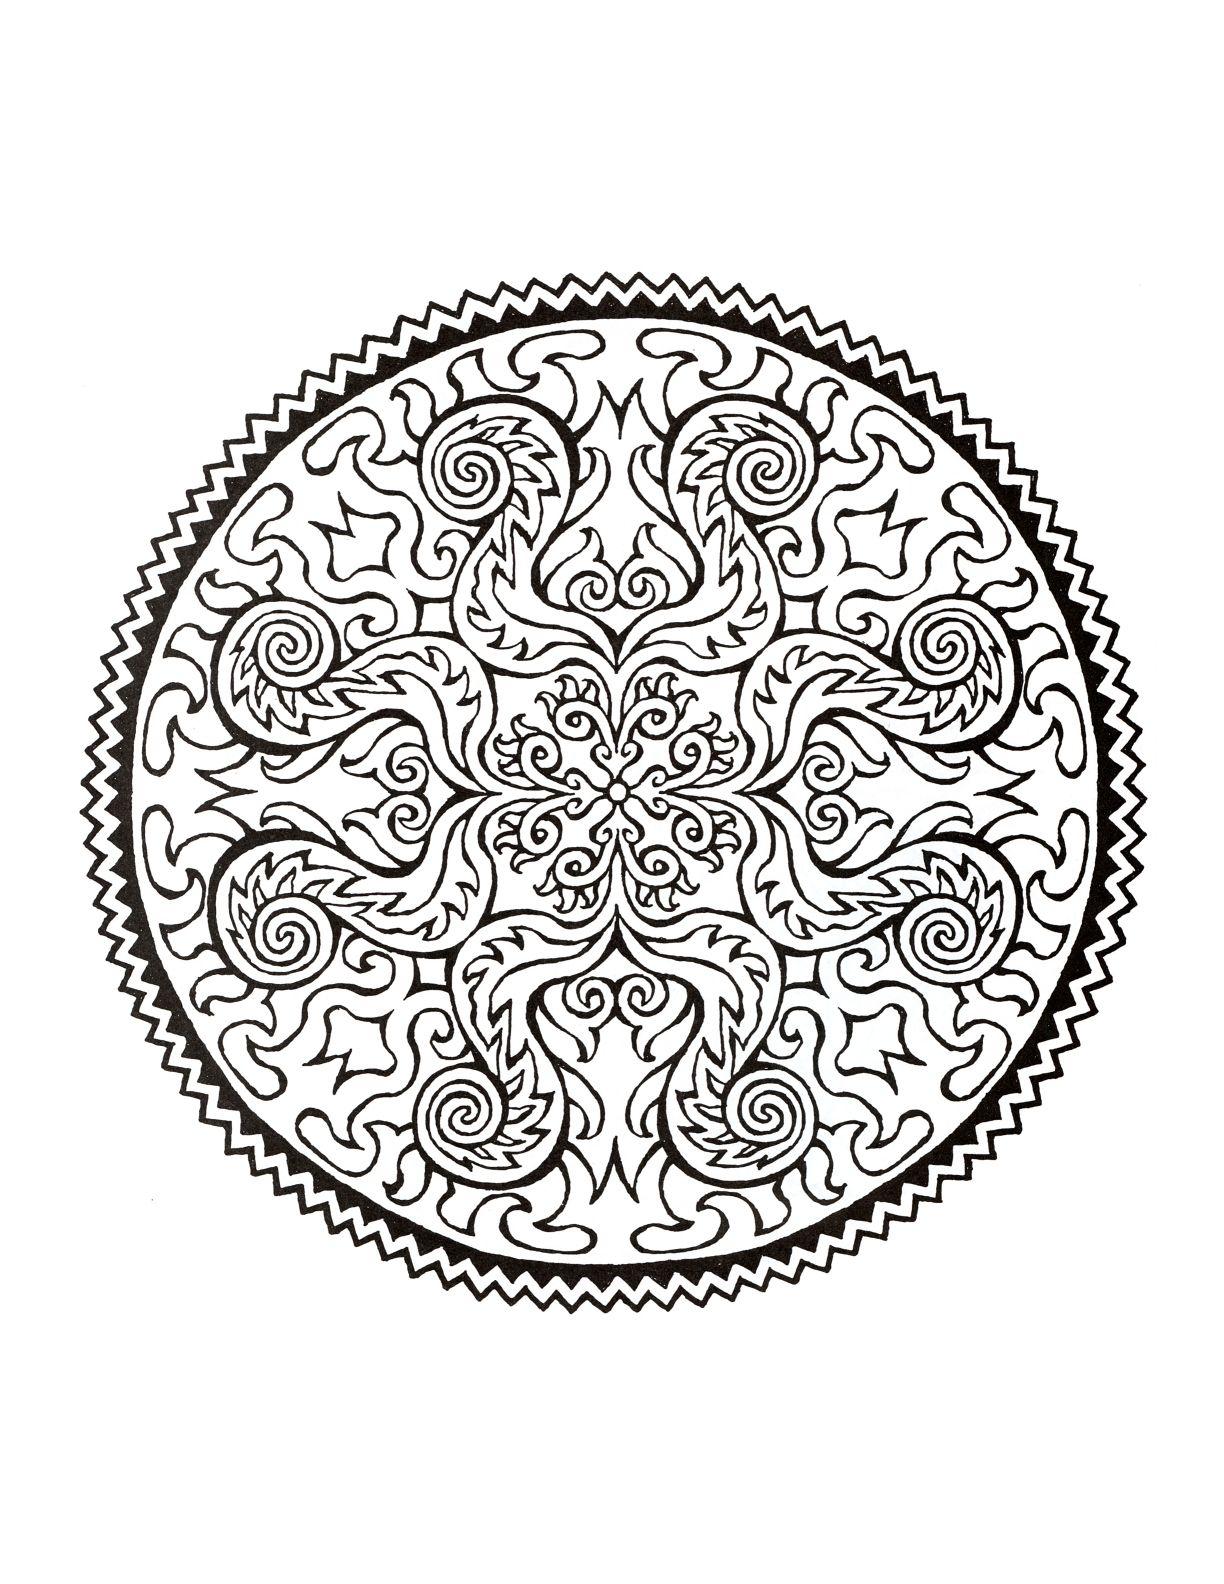 Mystical Mandala Coloring Book | Mandala coloring, Mandala ...